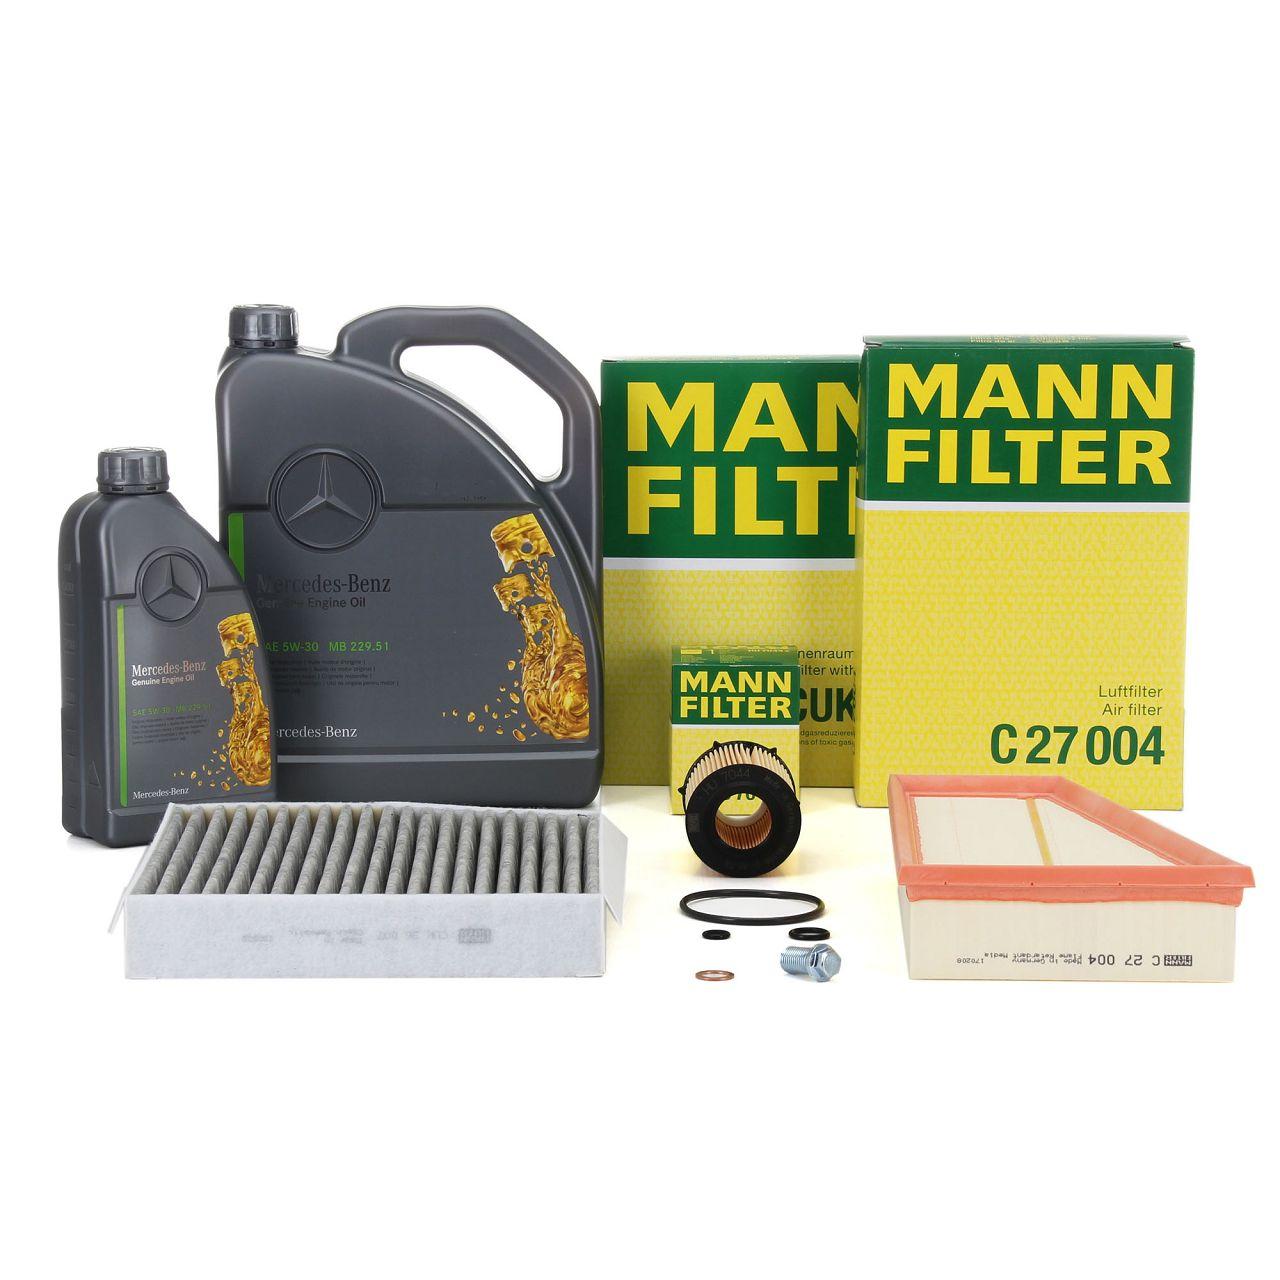 MANN Filterset + 6 L ORIGINAL Mercedes 5W30 Motoröl W176 W246 C117 X117 X156 M270